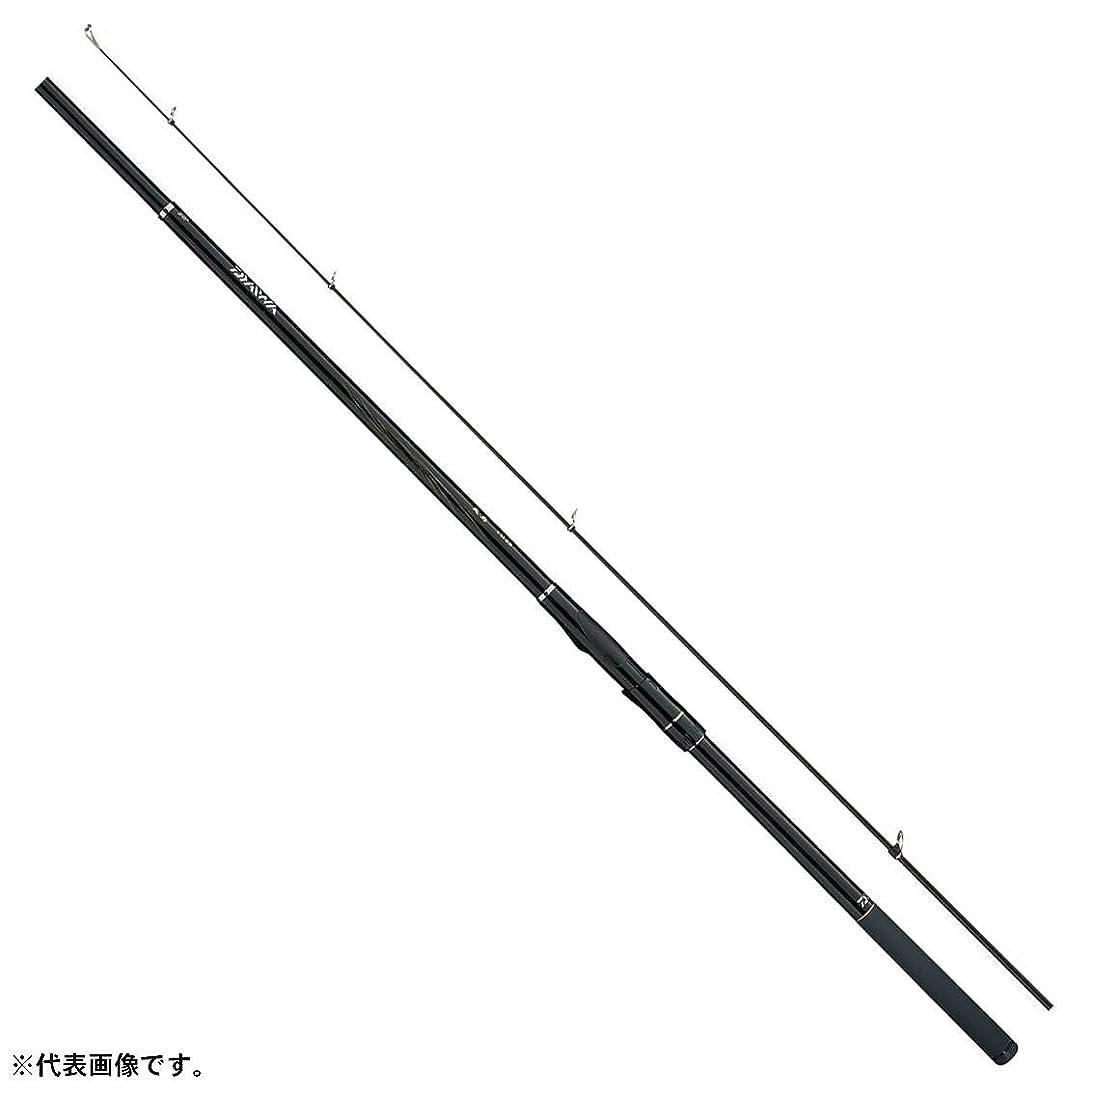 永遠のブローホールシャツダイワ(Daiwa) 磯竿 スピニング 大島 1.5号-52SMT 釣り竿